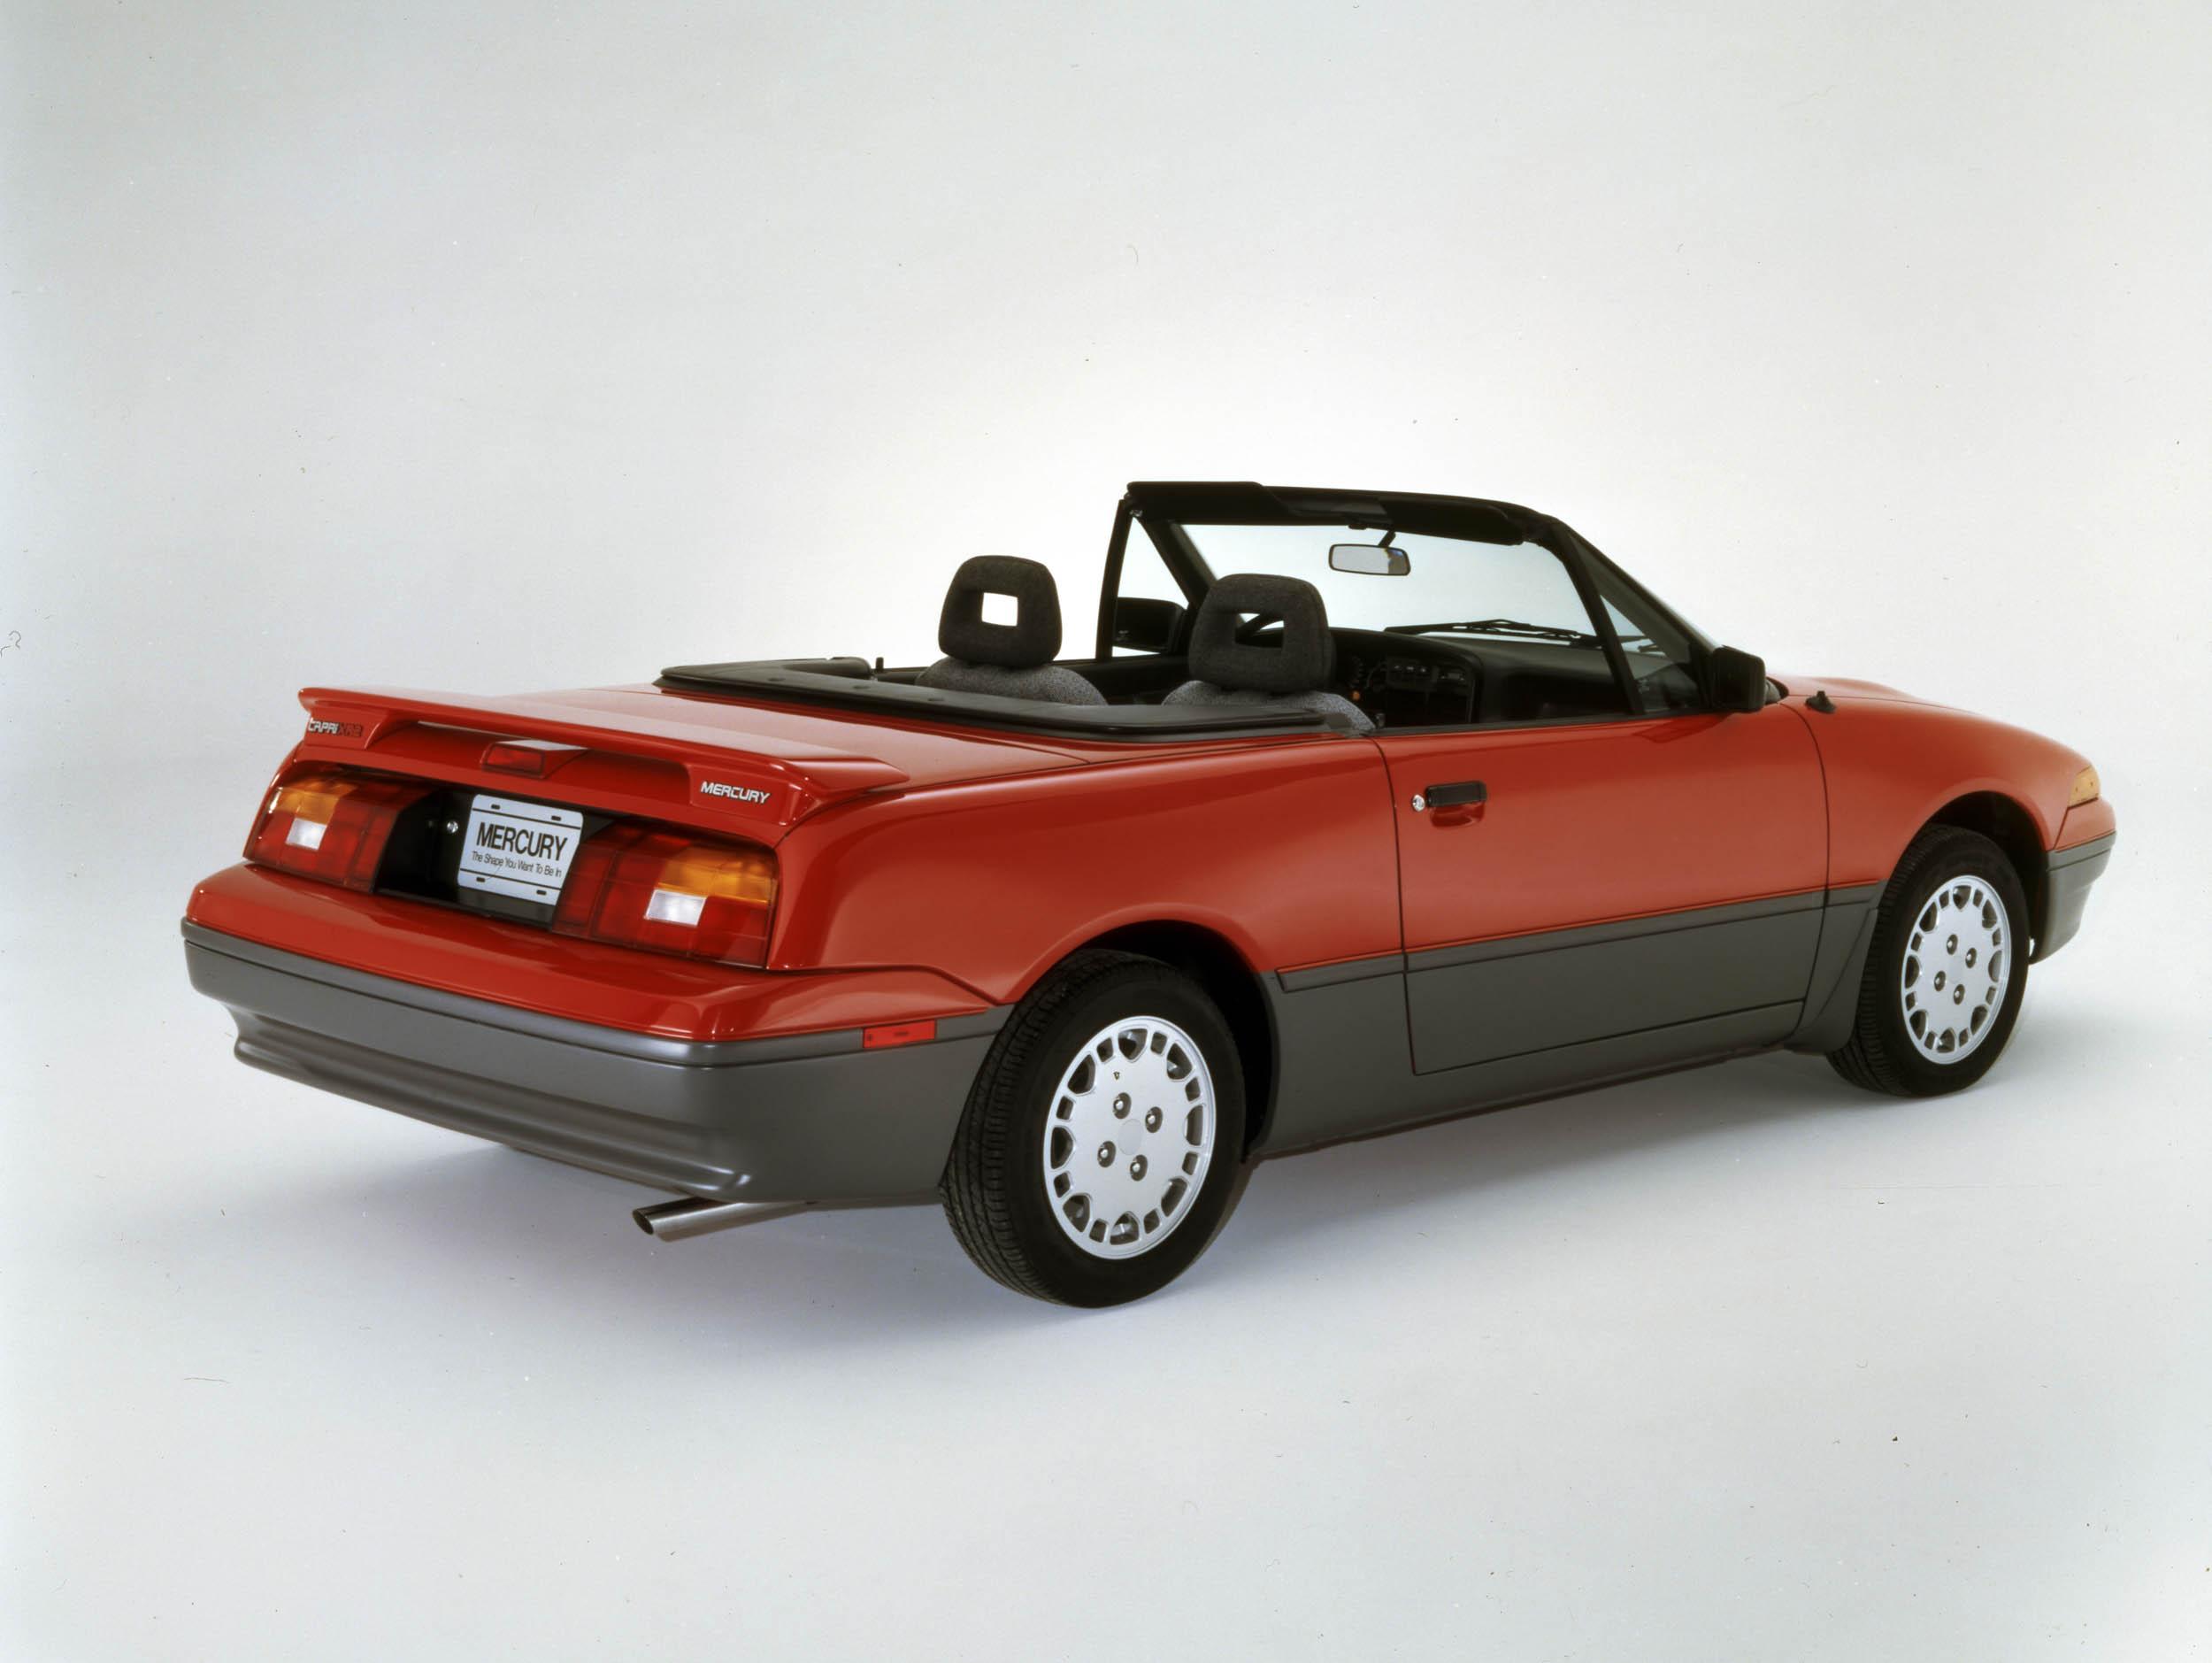 1991 Mercury Capri rear 3/4